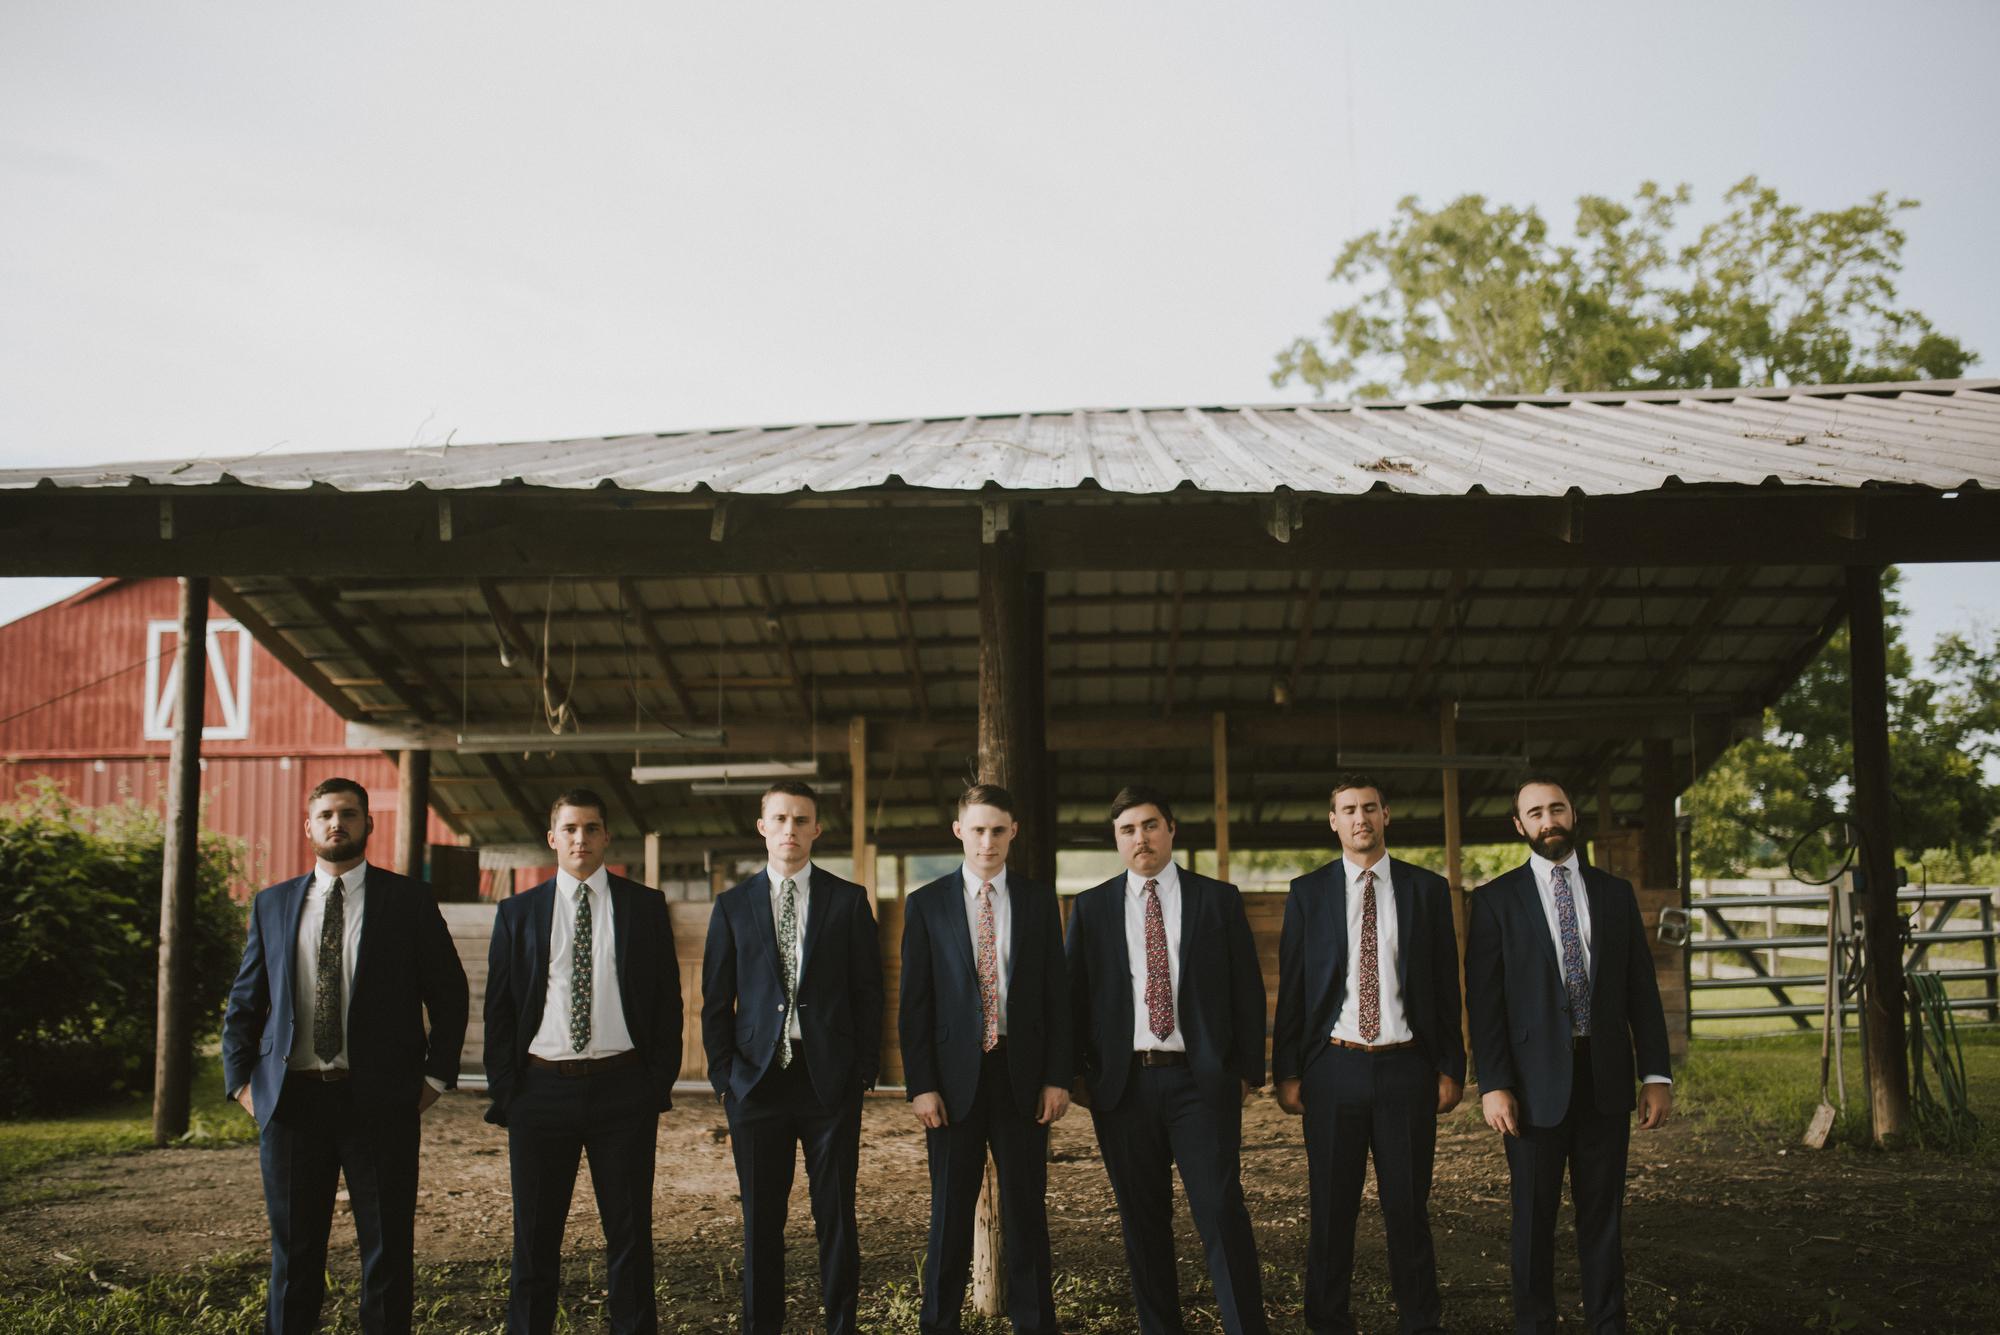 ofRen_weddingphotography058.JPG